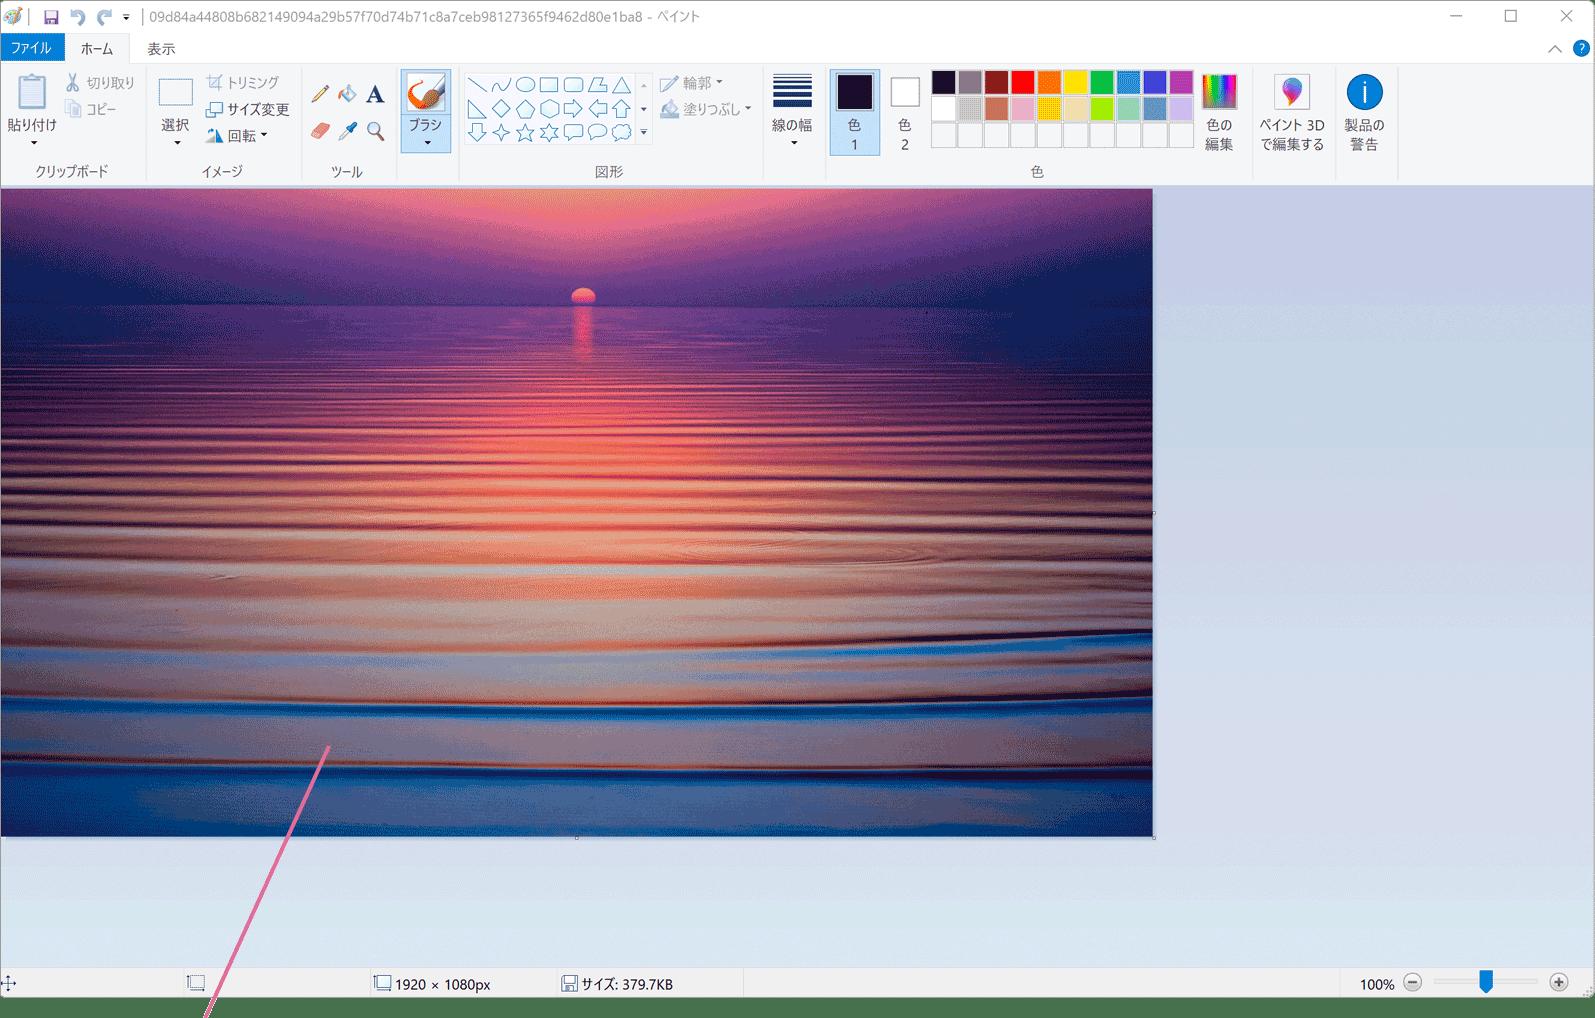 ロック画面に表示されるスポットライト画像を保存する Windows10 Faq